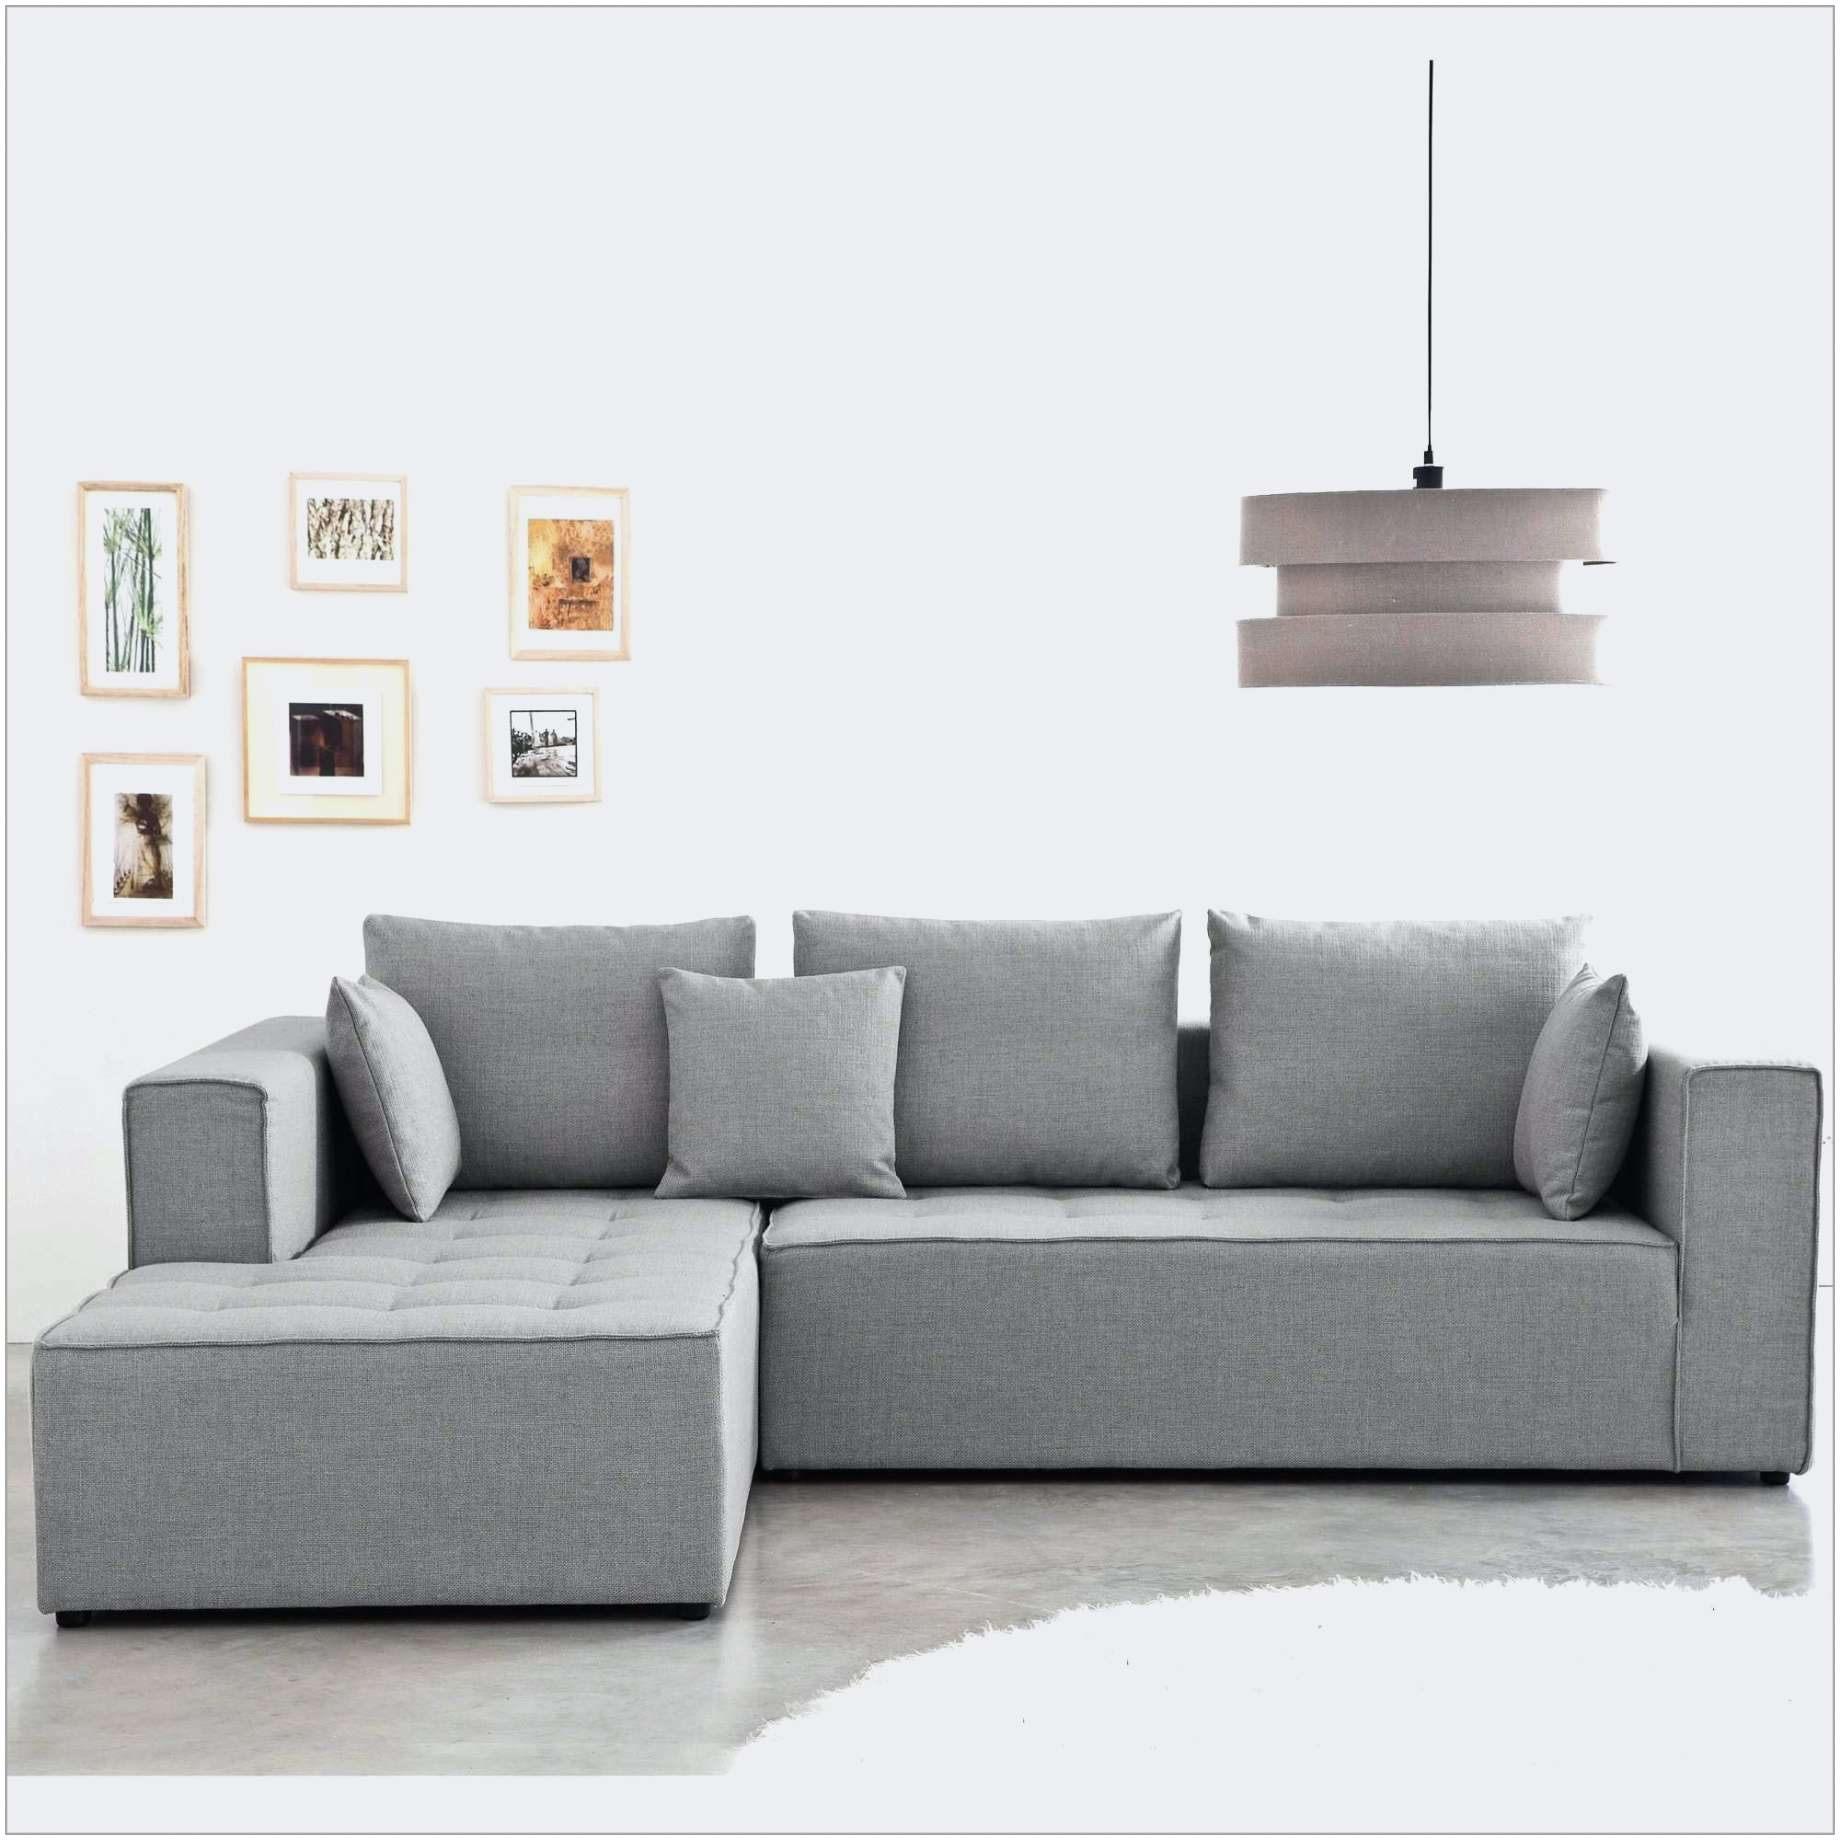 Lit Canapé Ikea Inspiré Frais Canapé Sur Pied — Puredebrideur Pour Meilleur Canapé Lit